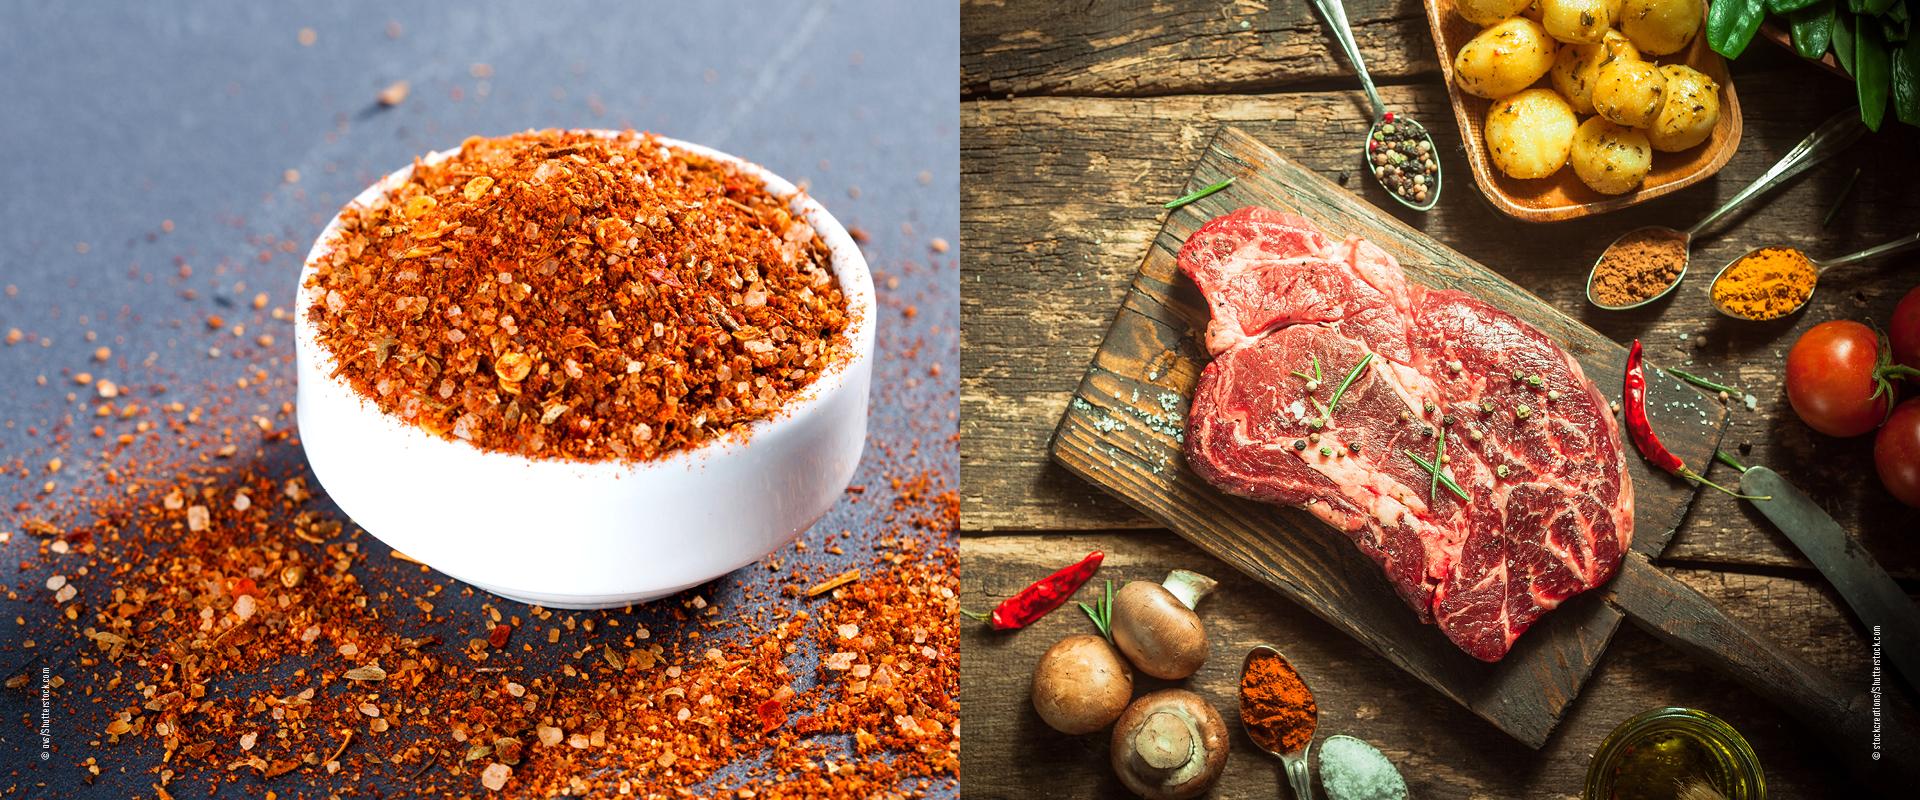 Rubs für Steaks